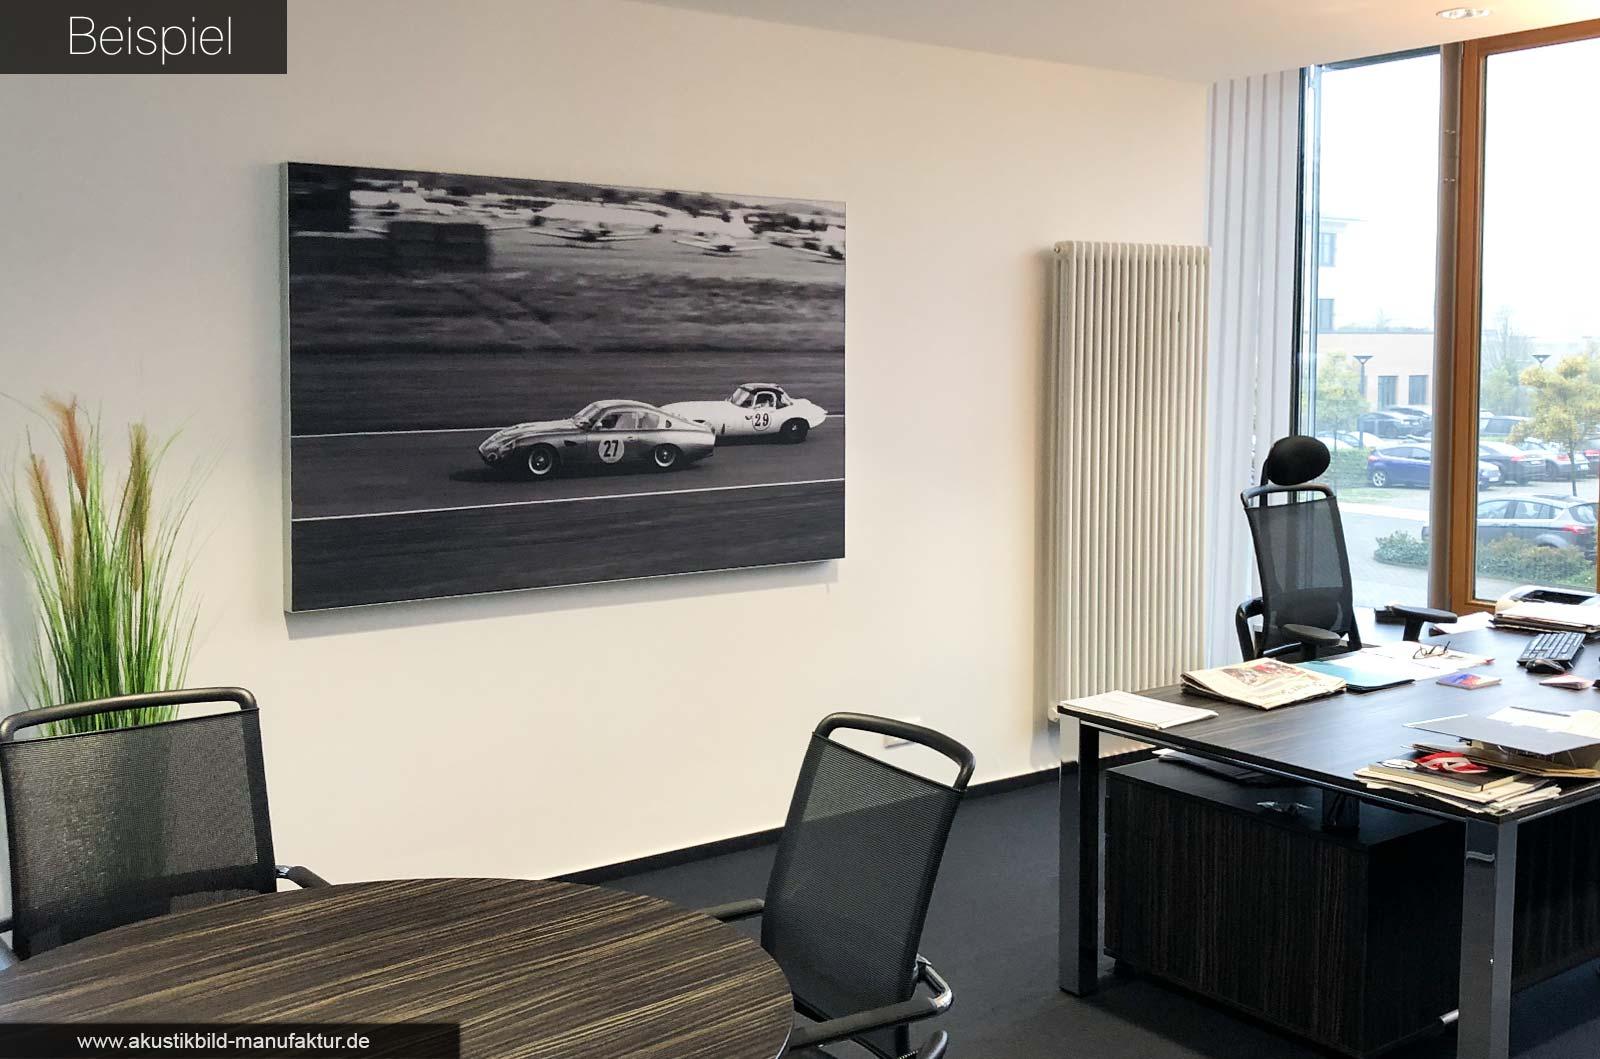 Akustikbild mit Motiv Oldtimer Autorennen im Chefbüro